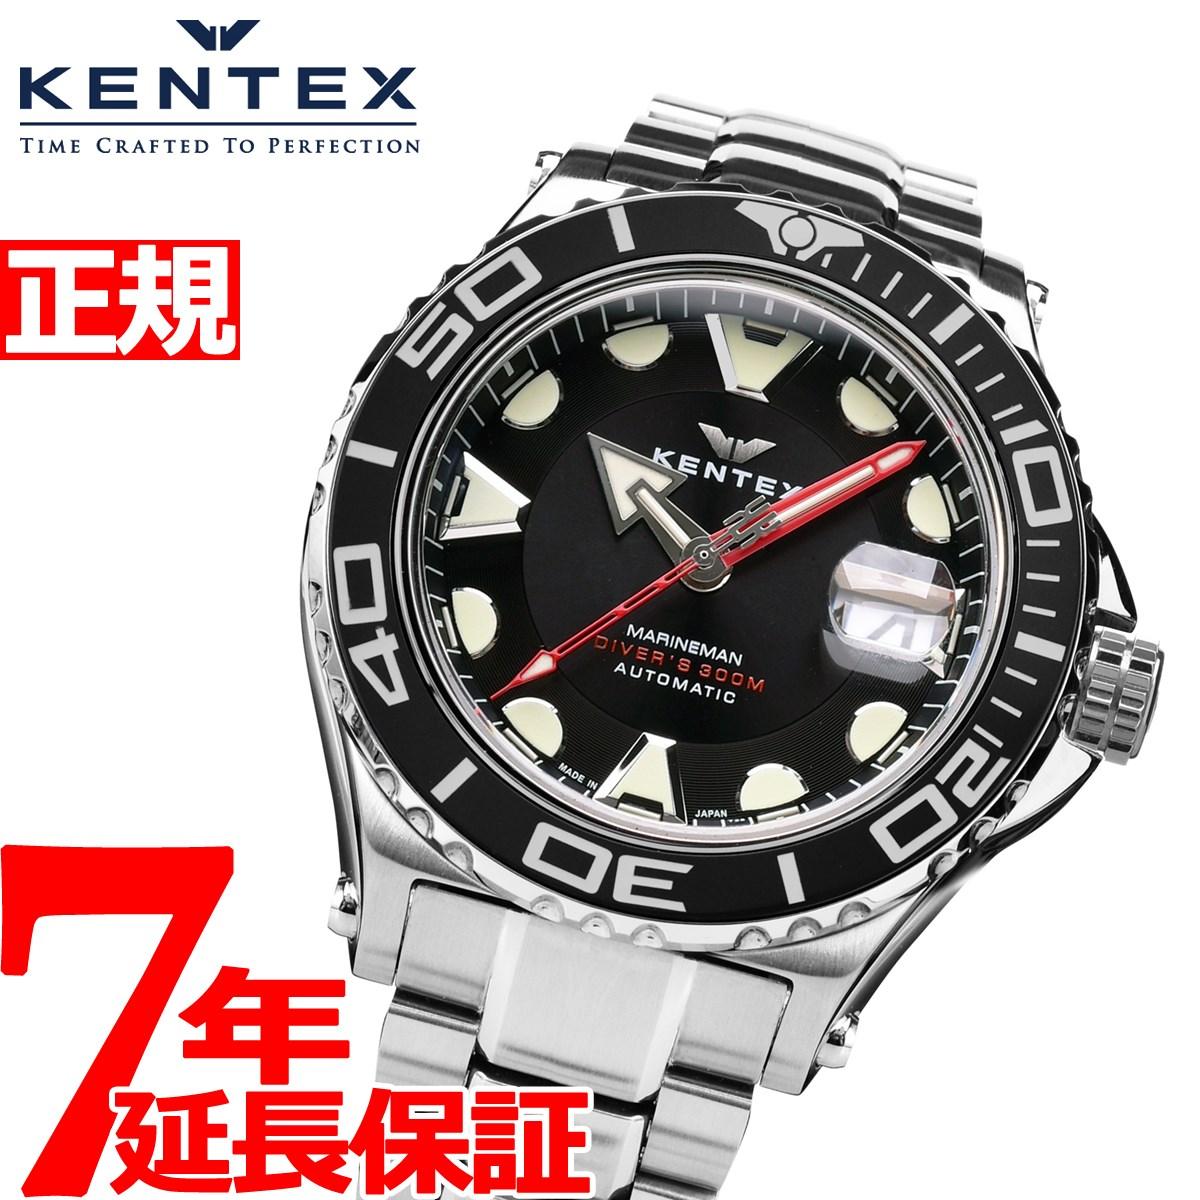 【5日0時~♪2000円OFFクーポン&店内ポイント最大51倍!5日23時59分まで】ケンテックス KENTEX マリンマン シーアングラ 自動巻き 腕時計 メンズ S706X-01